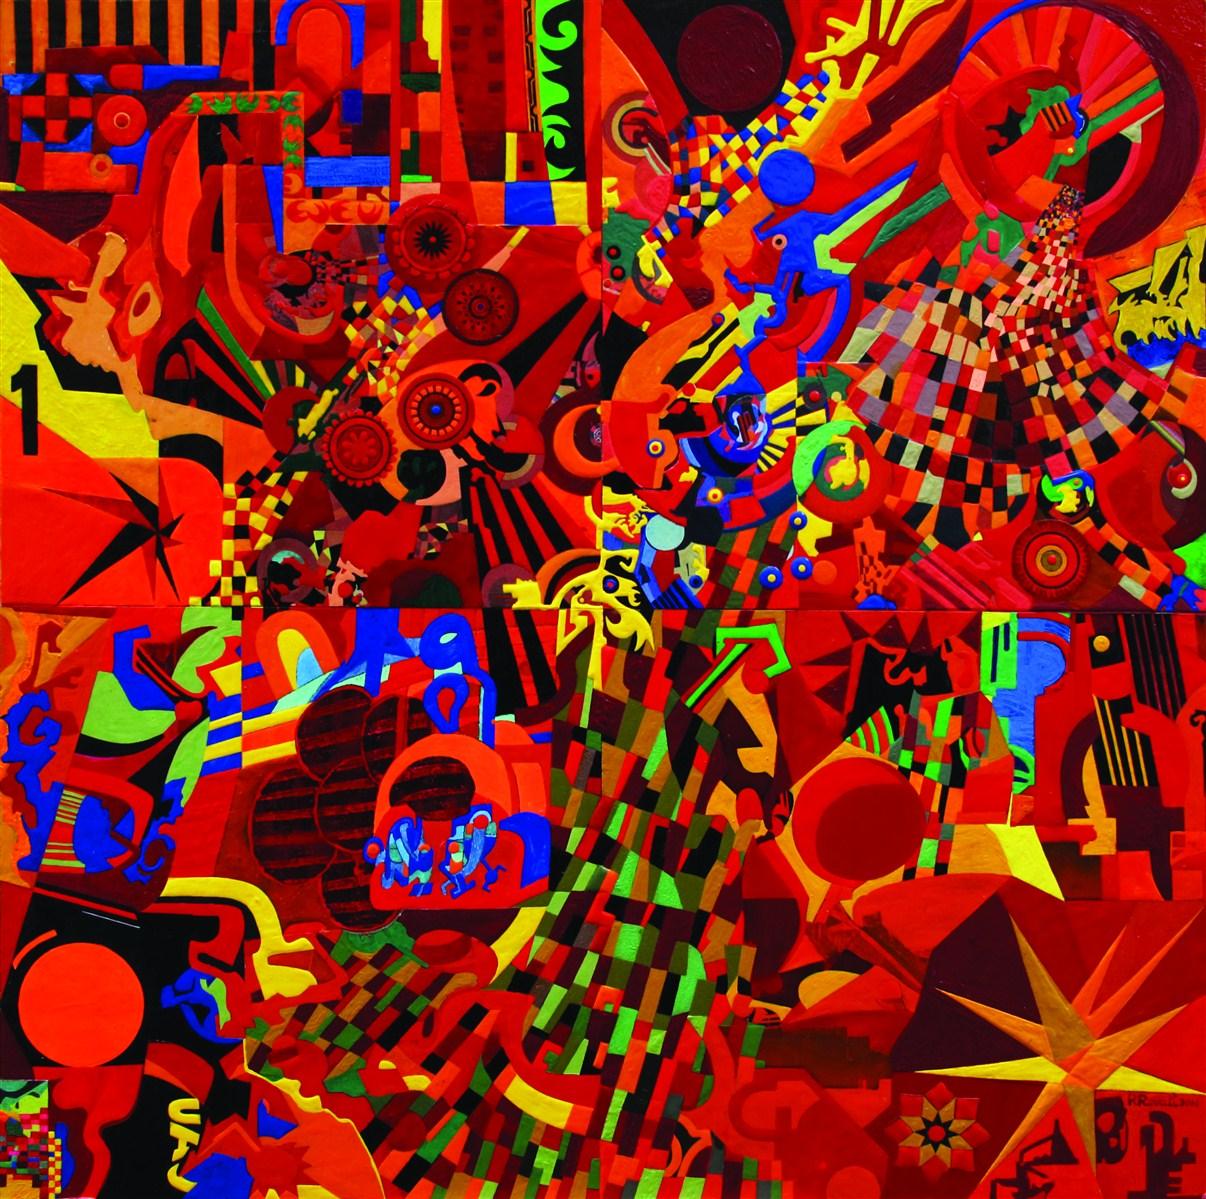 14-senza-titolo_2014_tecnica-mista-su-tavola_70x70.jpg